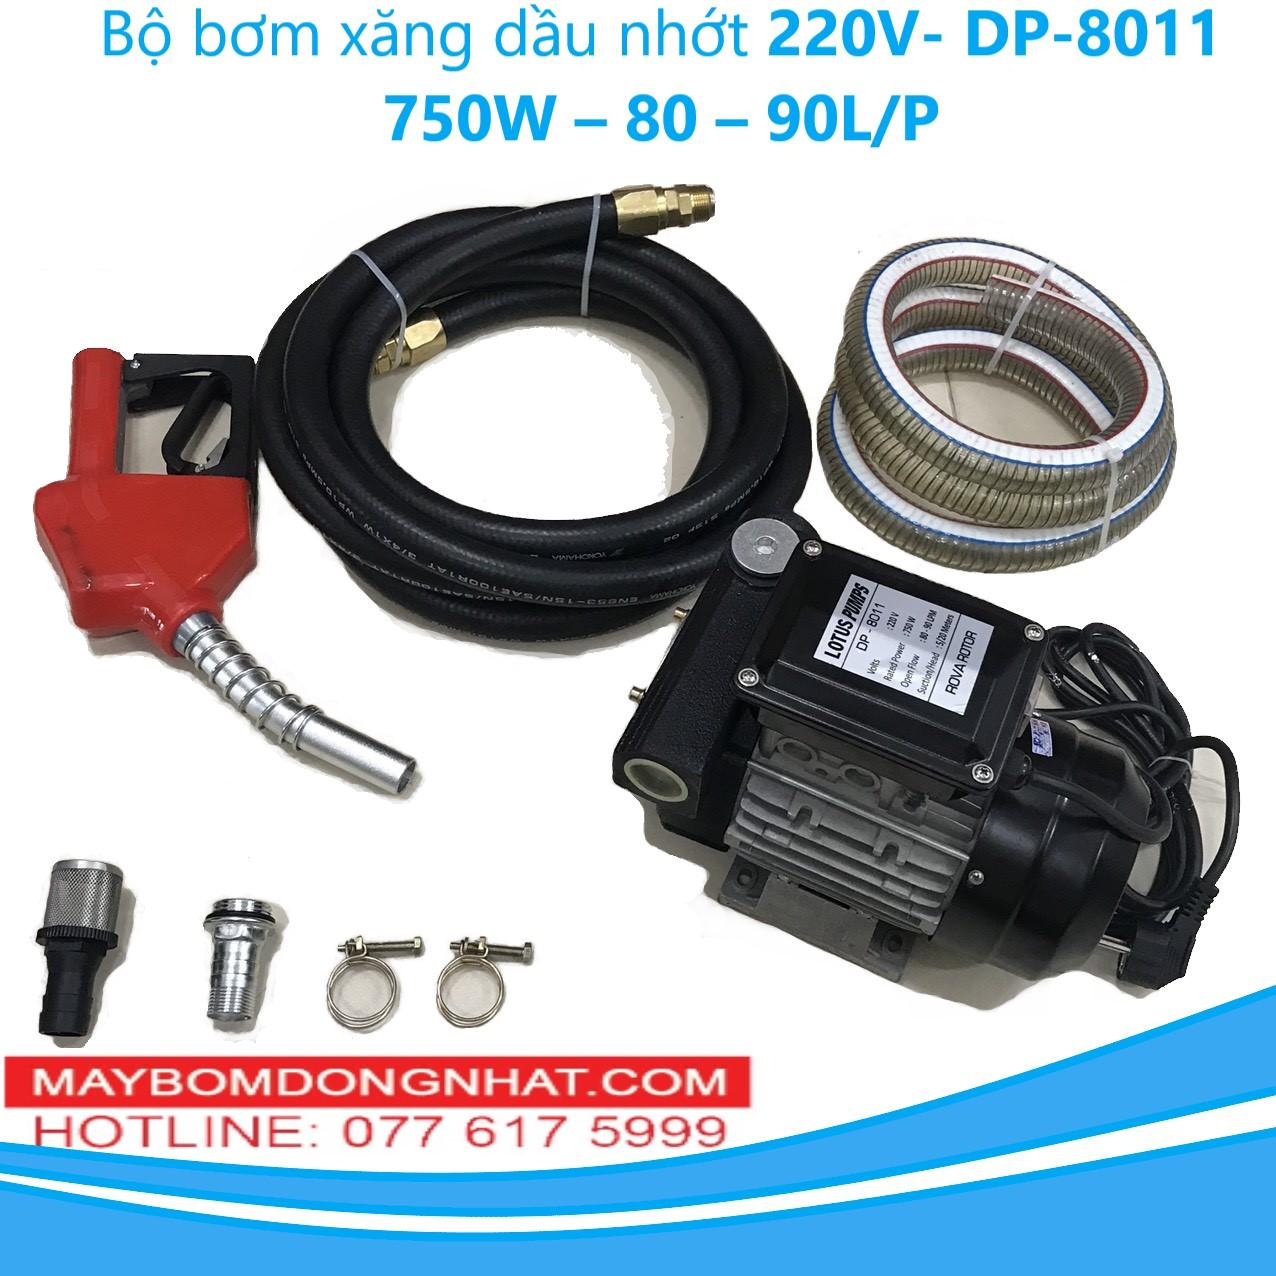 Bộ bơm xăng dầu nhớt DP-8011 220V-750W – 80 – 90L/P